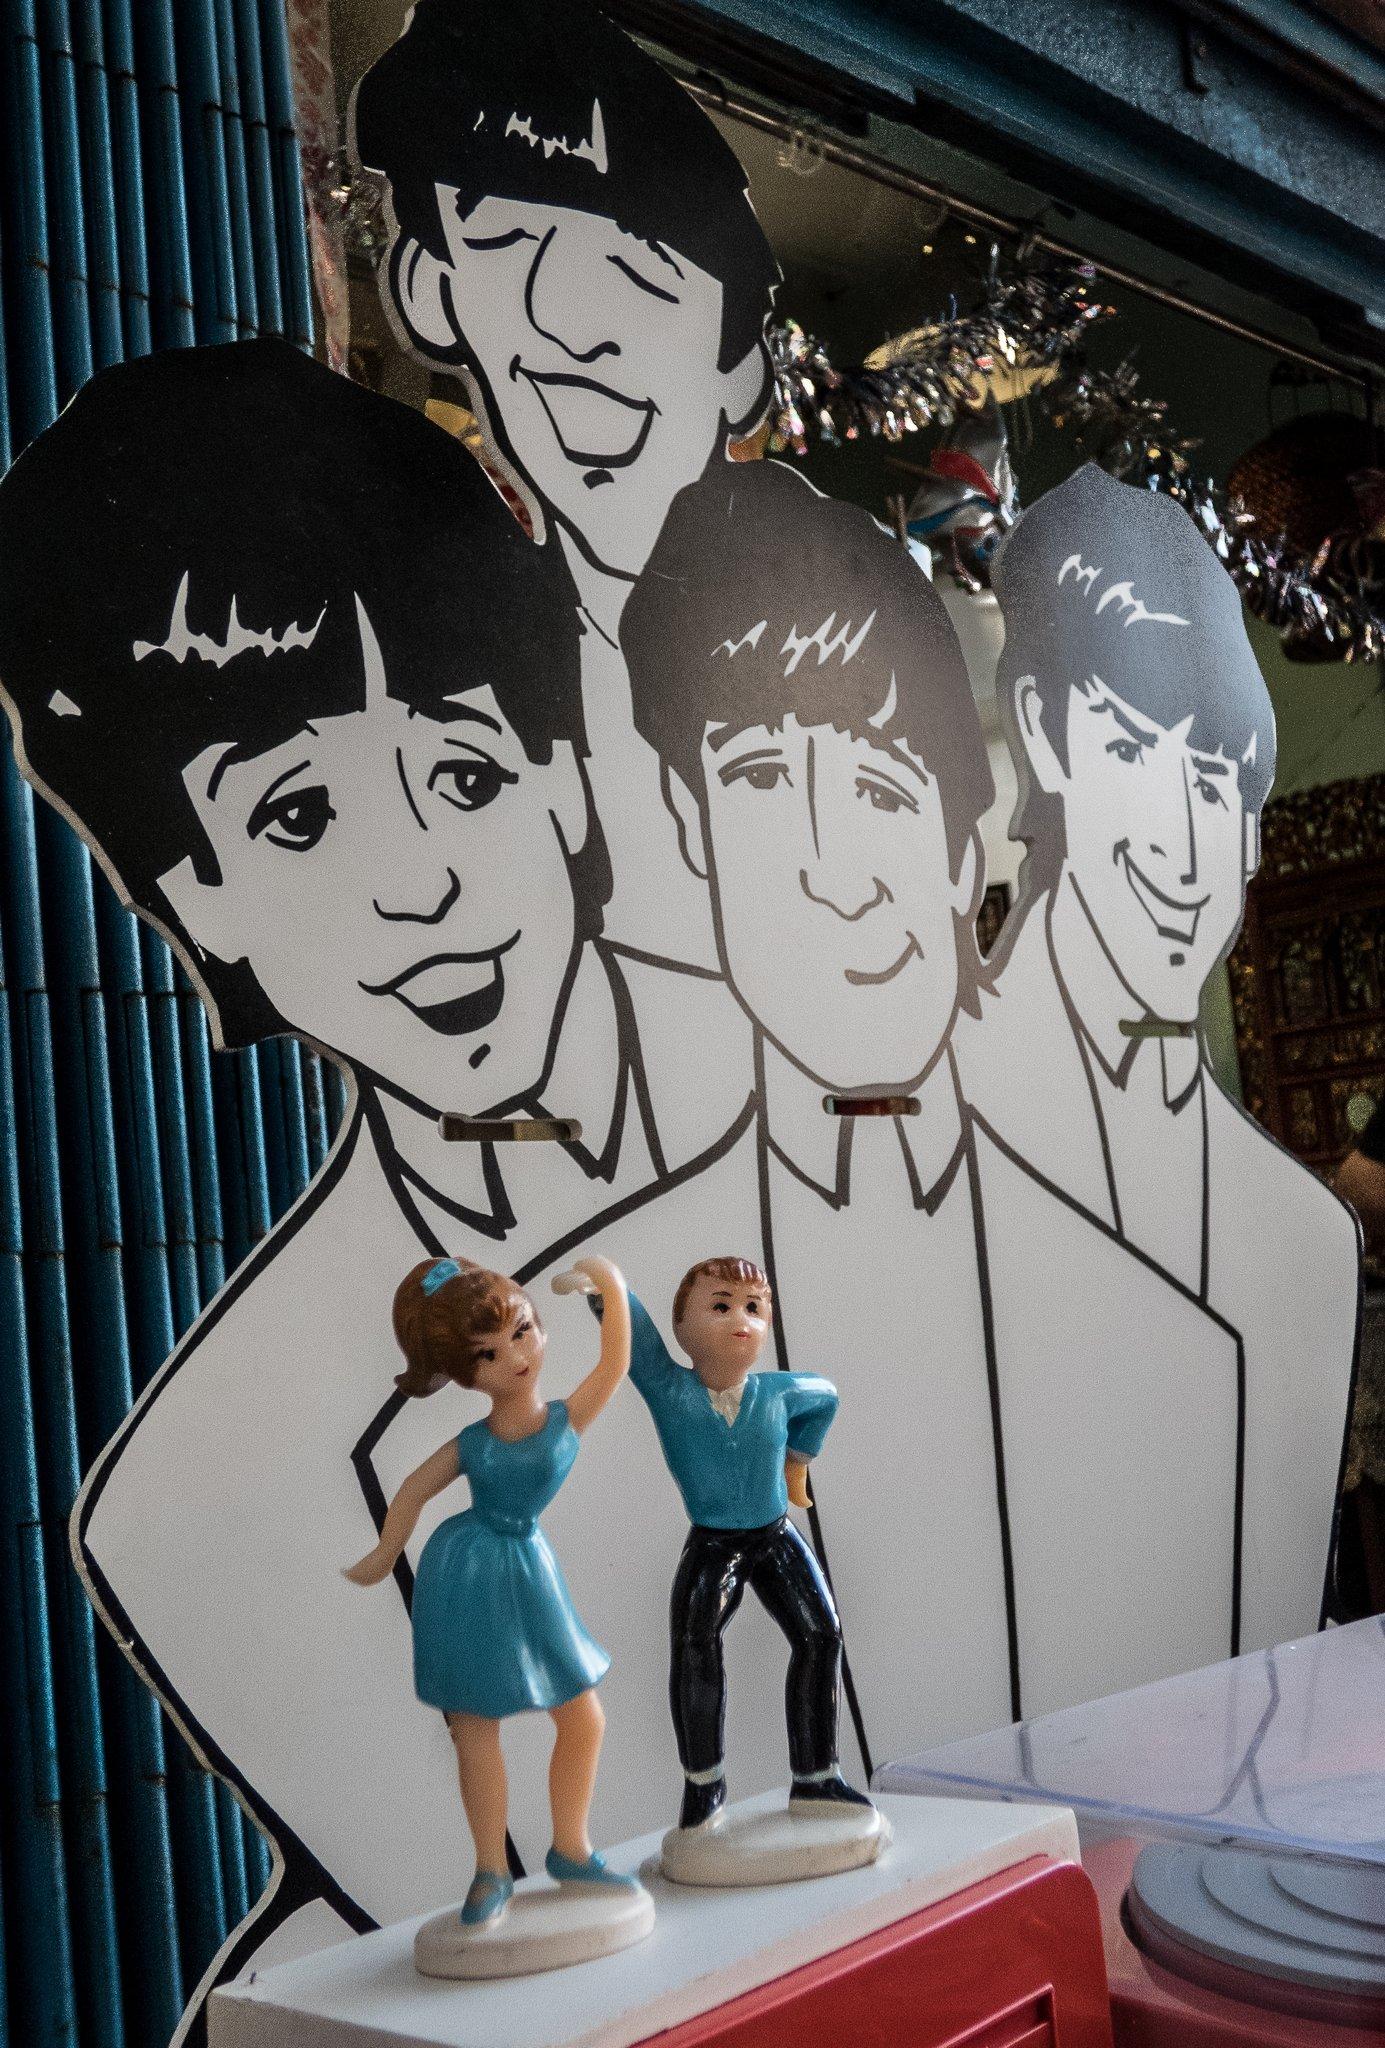 7. Beatles in town